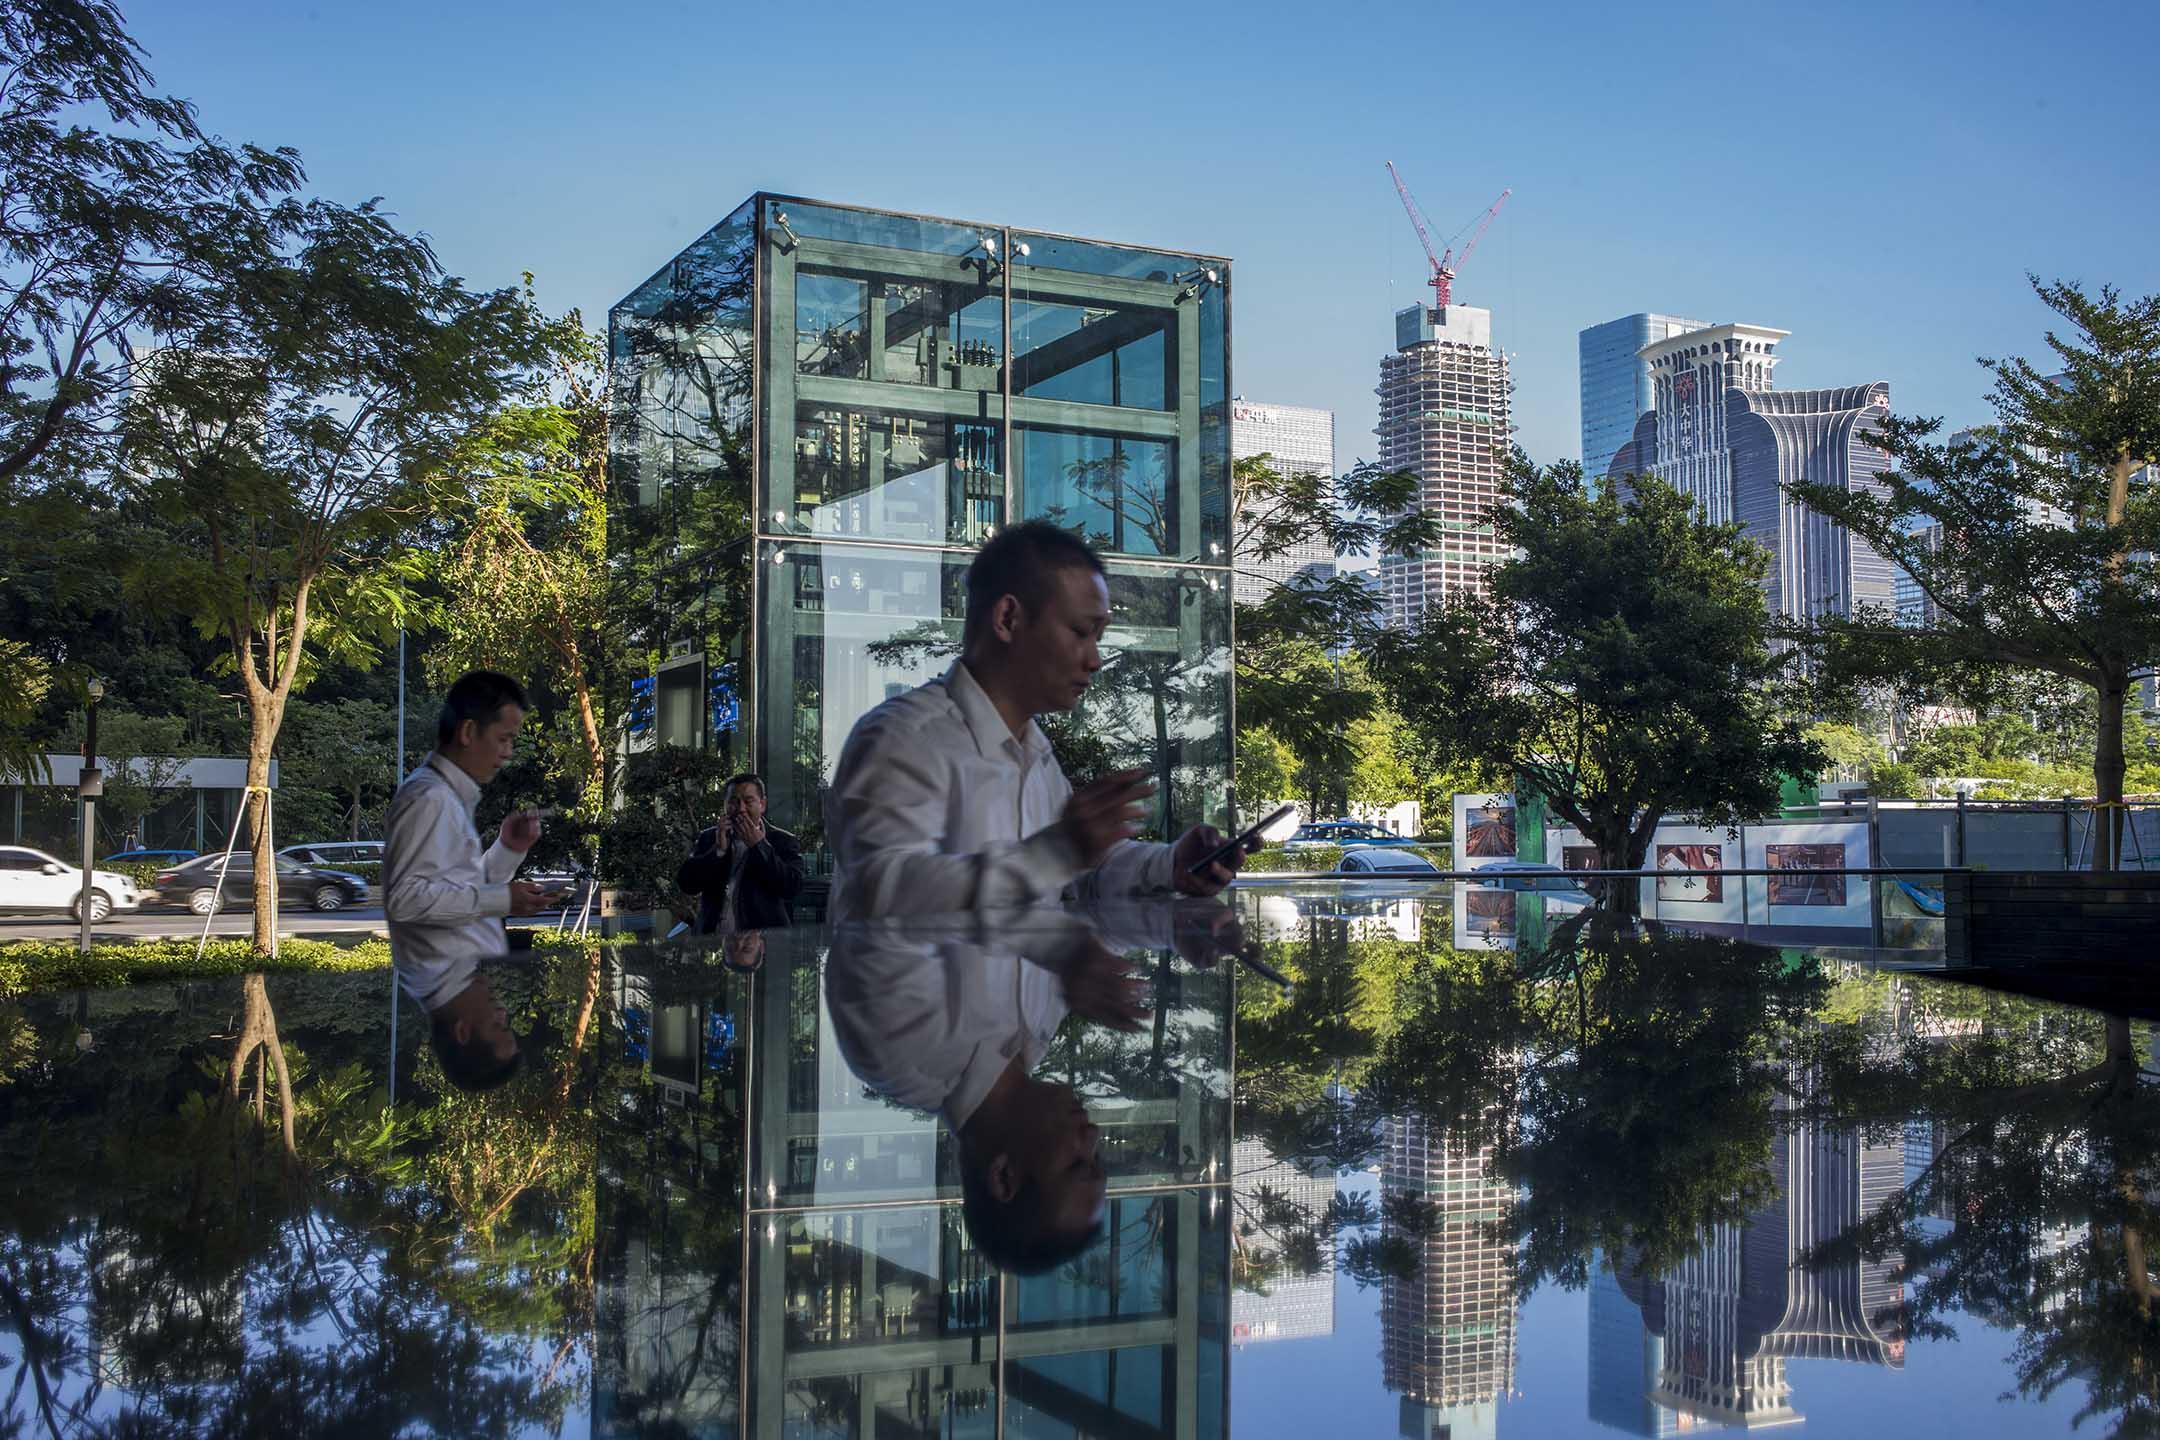 深圳金融區,一位走出辦公室外吸煙的男士。 攝:林振東/端傳媒